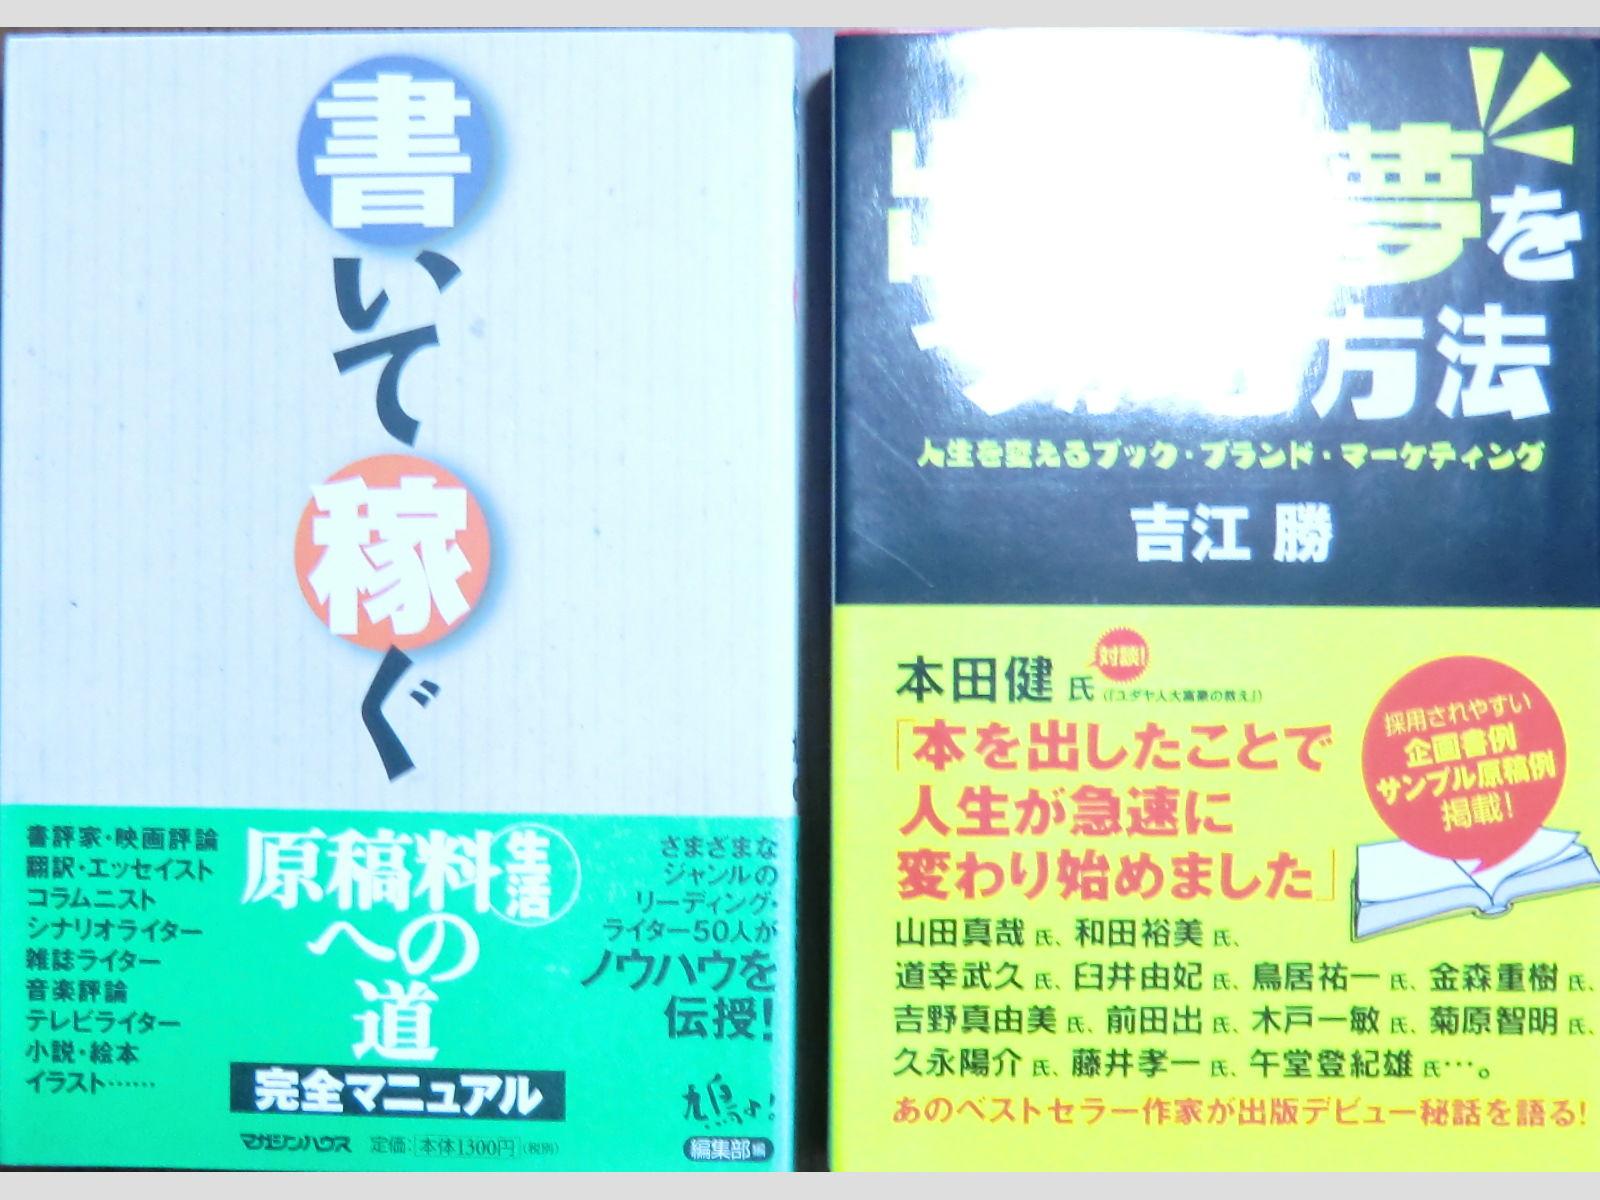 1.書いて稼ぐ。2.出版で夢をつかむ方法。(各一冊千円、送料は1冊500円)